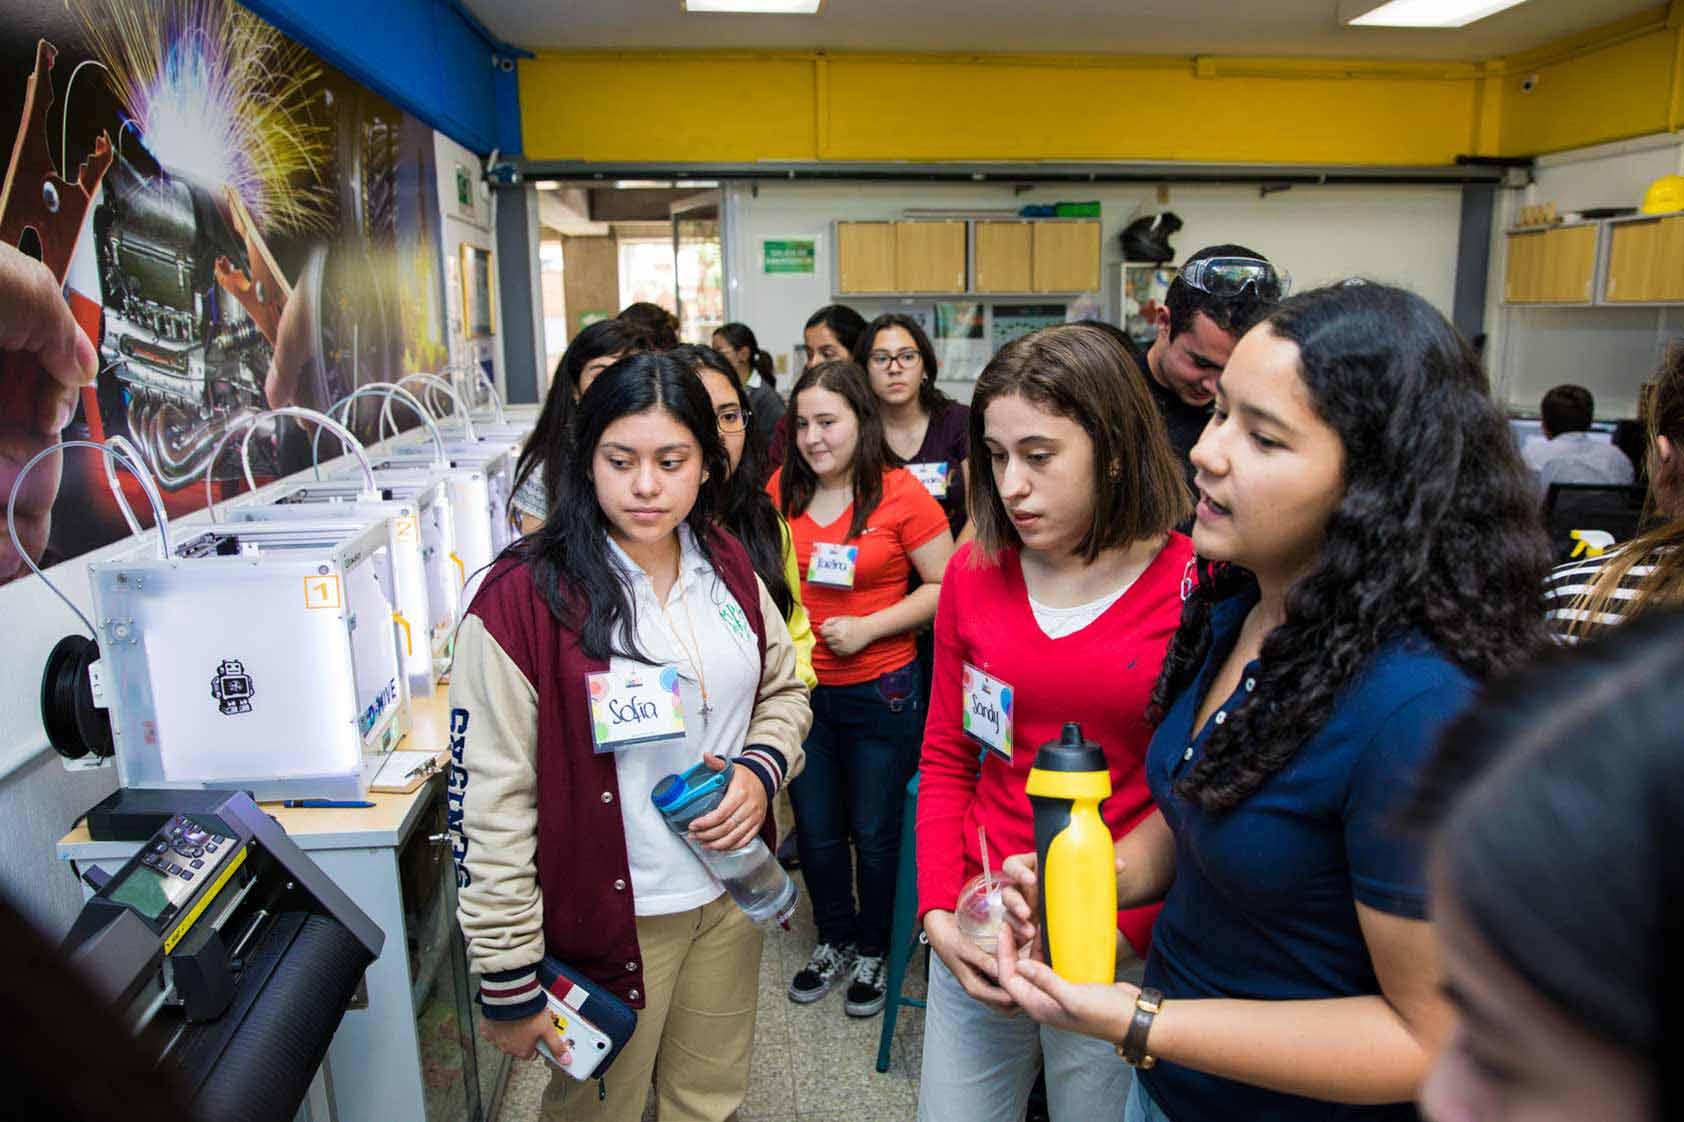 estudiantes aprendieron sobre software para diseño 3D - UVG